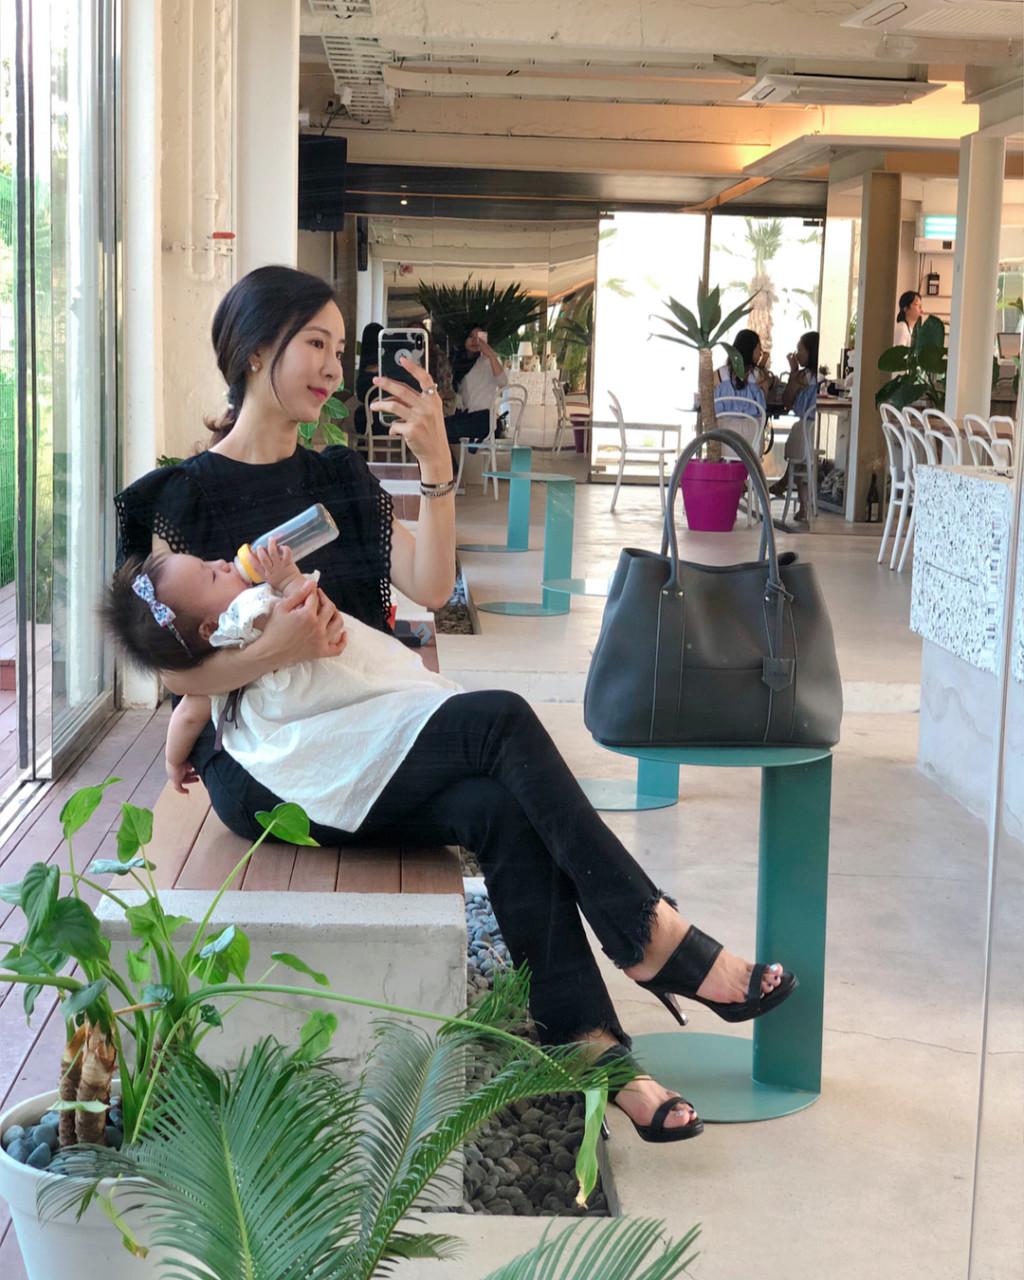 老公出門「媽蟲」掛小孩揹名牌上街 新世代花瓶媽媽被轟慘:我們只是做自己